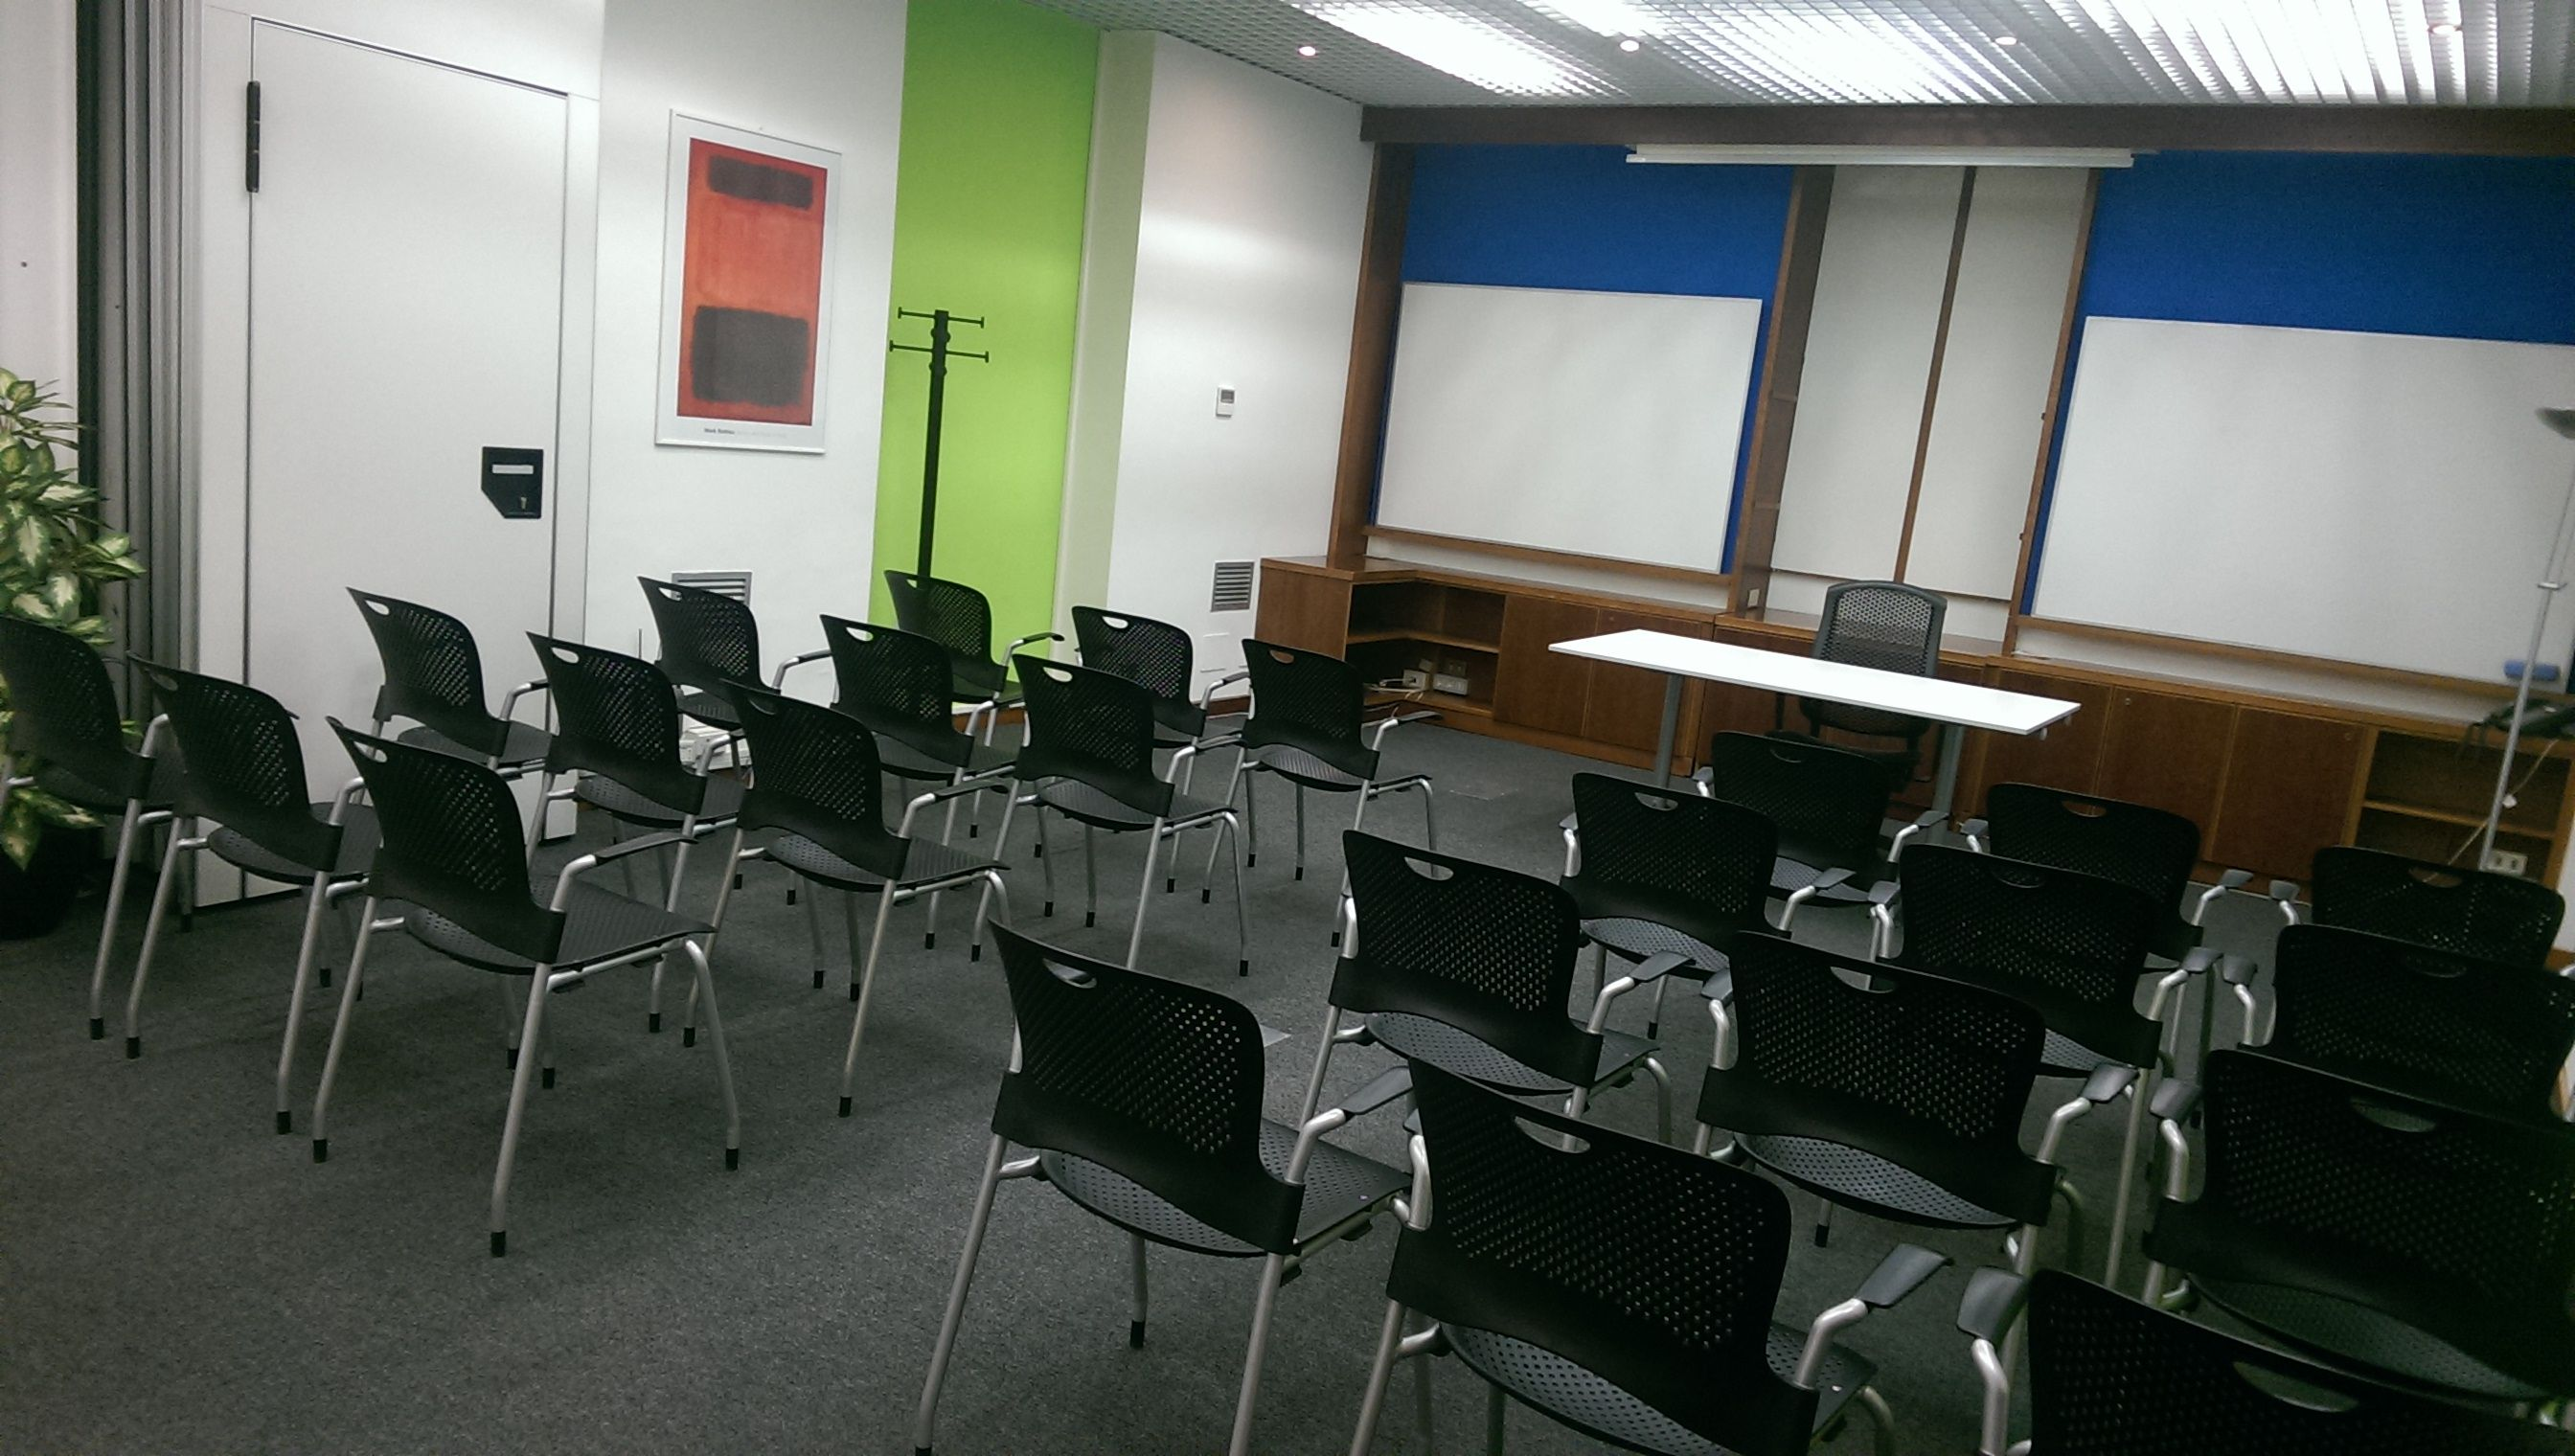 Sala Riunioni, perché e come prenotarla in Pick Center.Pick Center offre sale adatte per piccole e grandi riunioni, workshop, corsi di formazione.